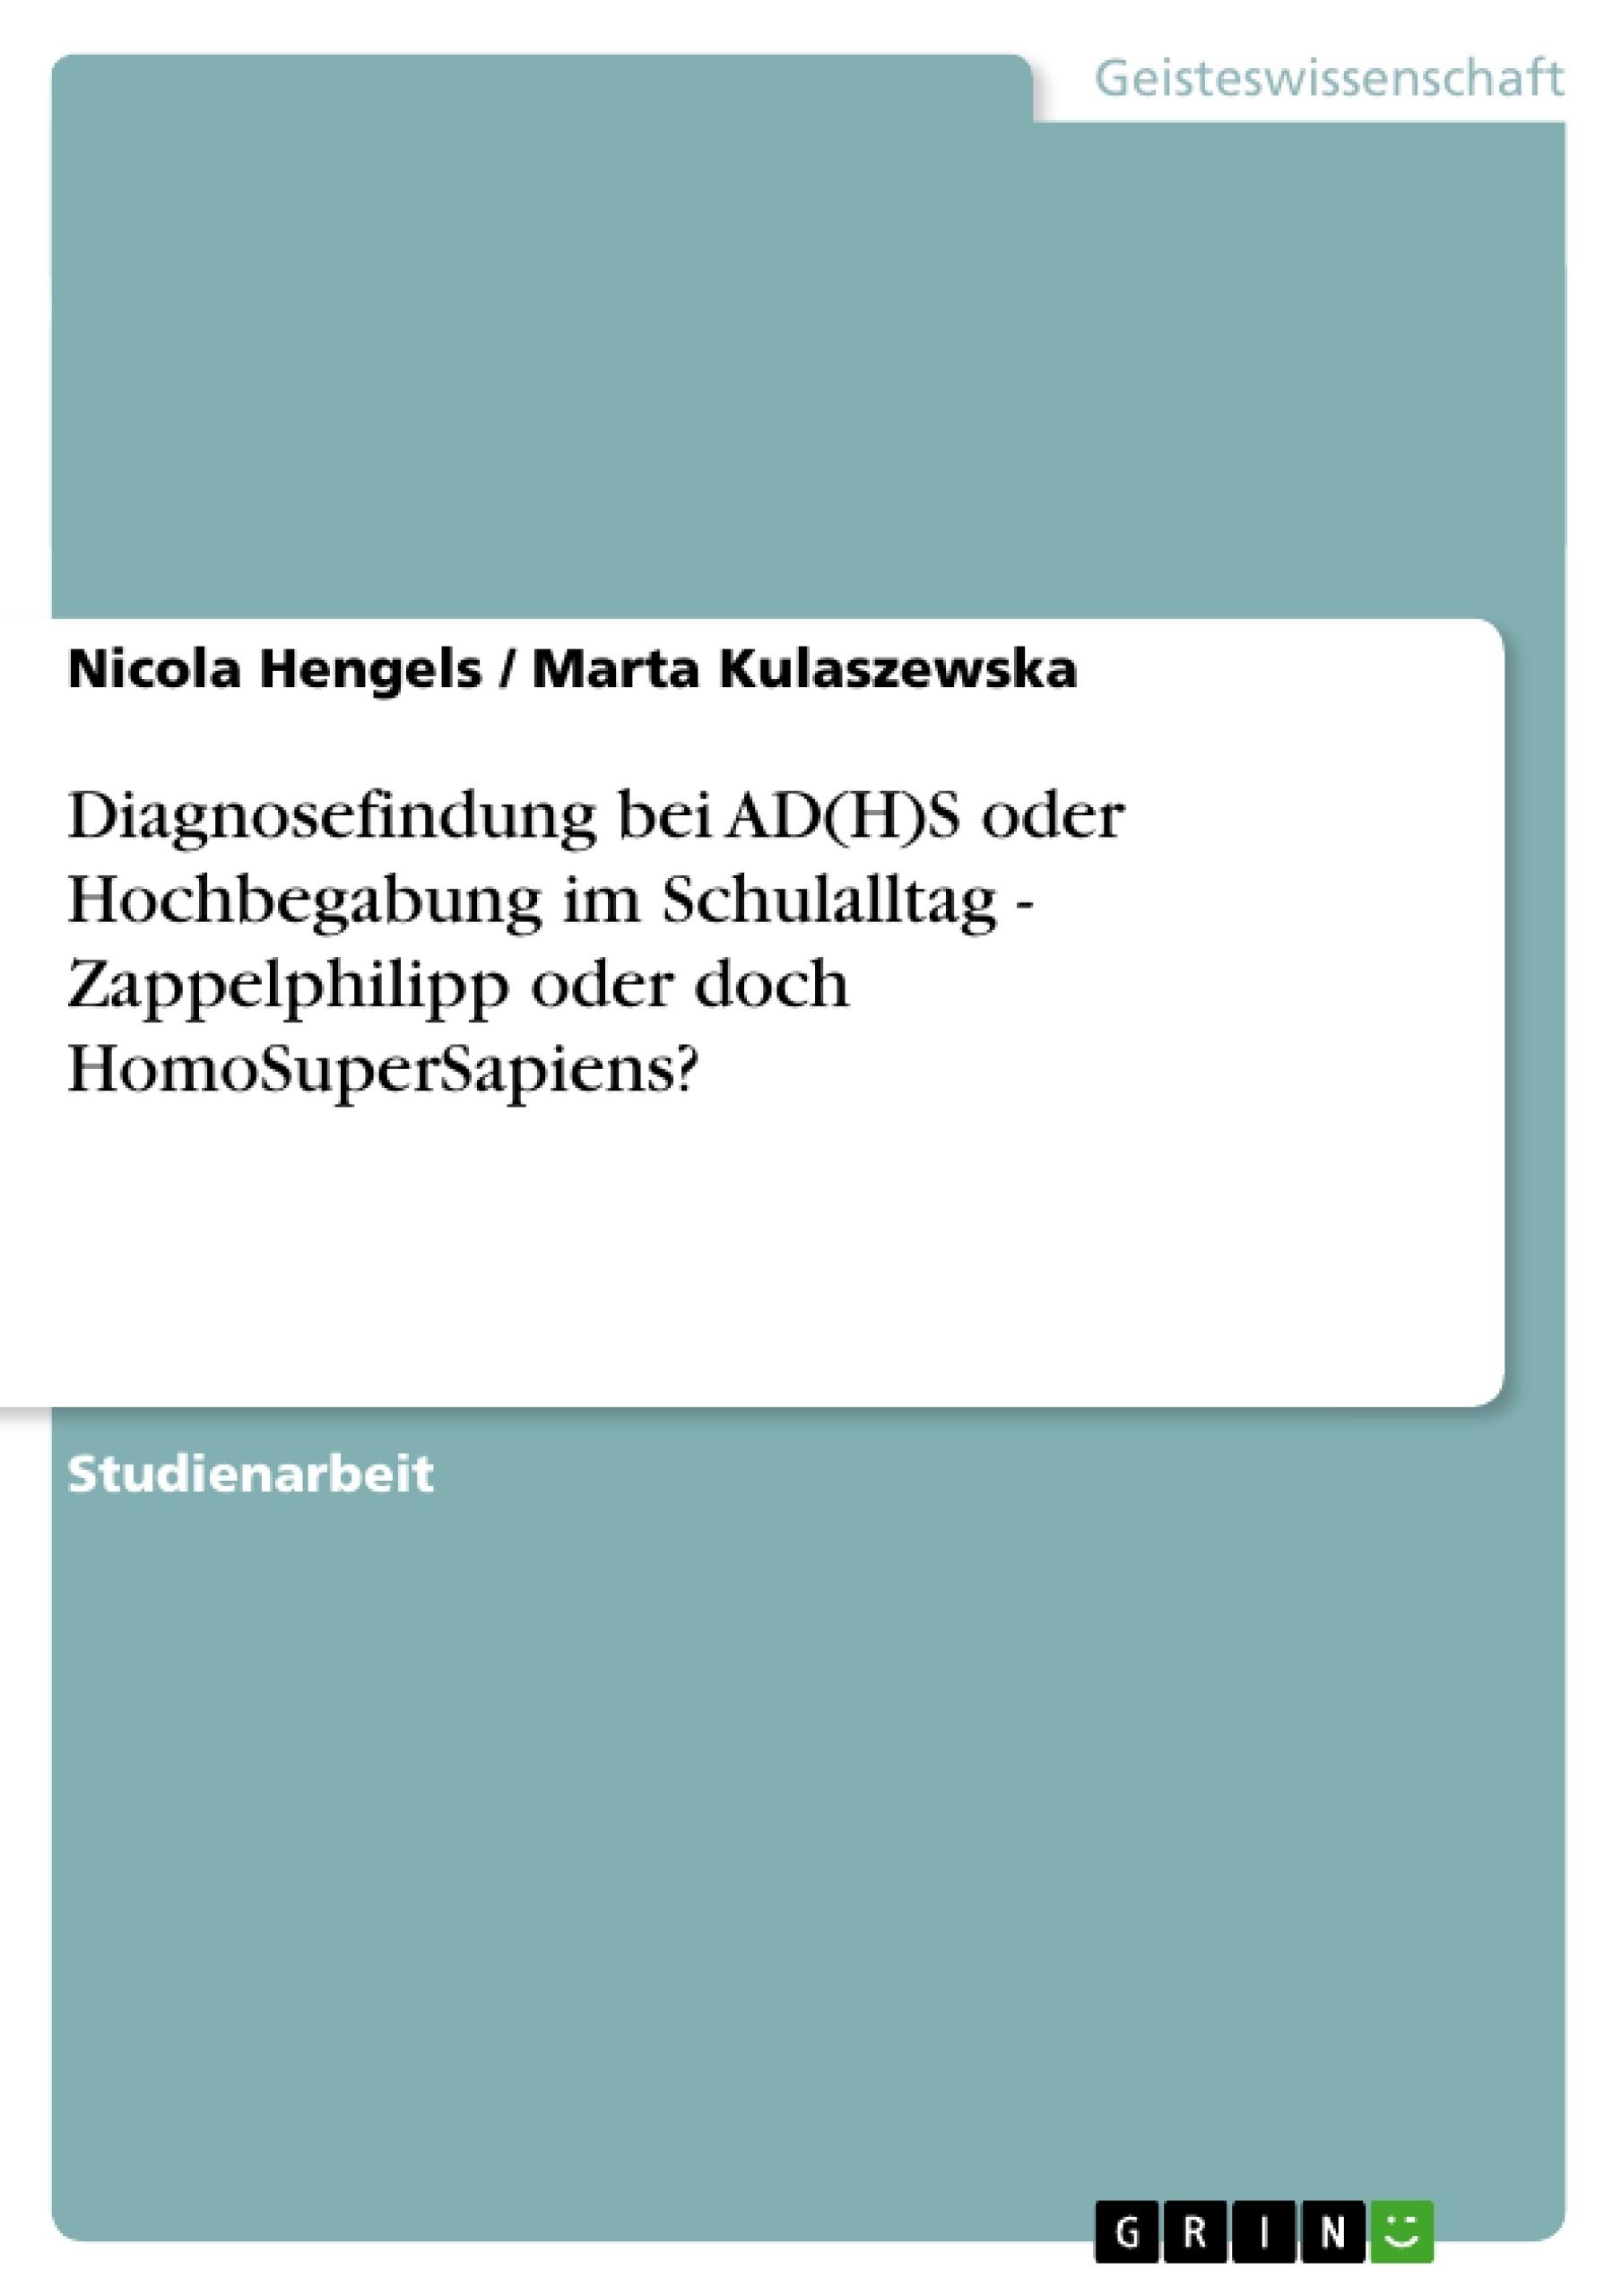 Titel: Diagnosefindung bei AD(H)S oder Hochbegabung im Schulalltag - Zappelphilipp oder doch HomoSuperSapiens?